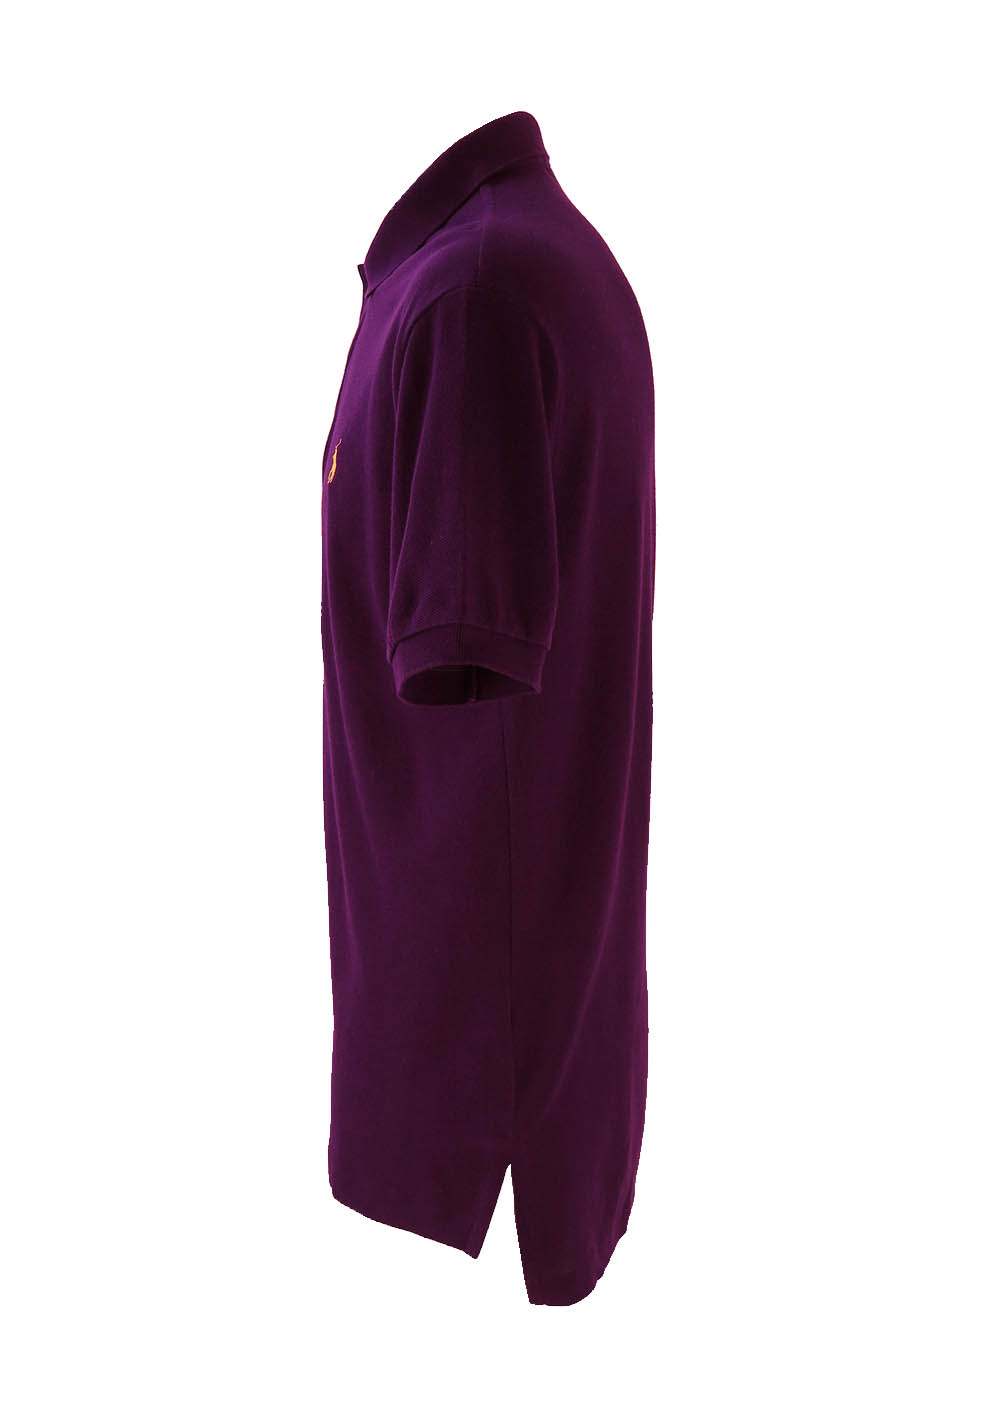 21eb1e2c3 Polo by Ralph Lauren Purple Polo Shirt – M L – Reign Vintage